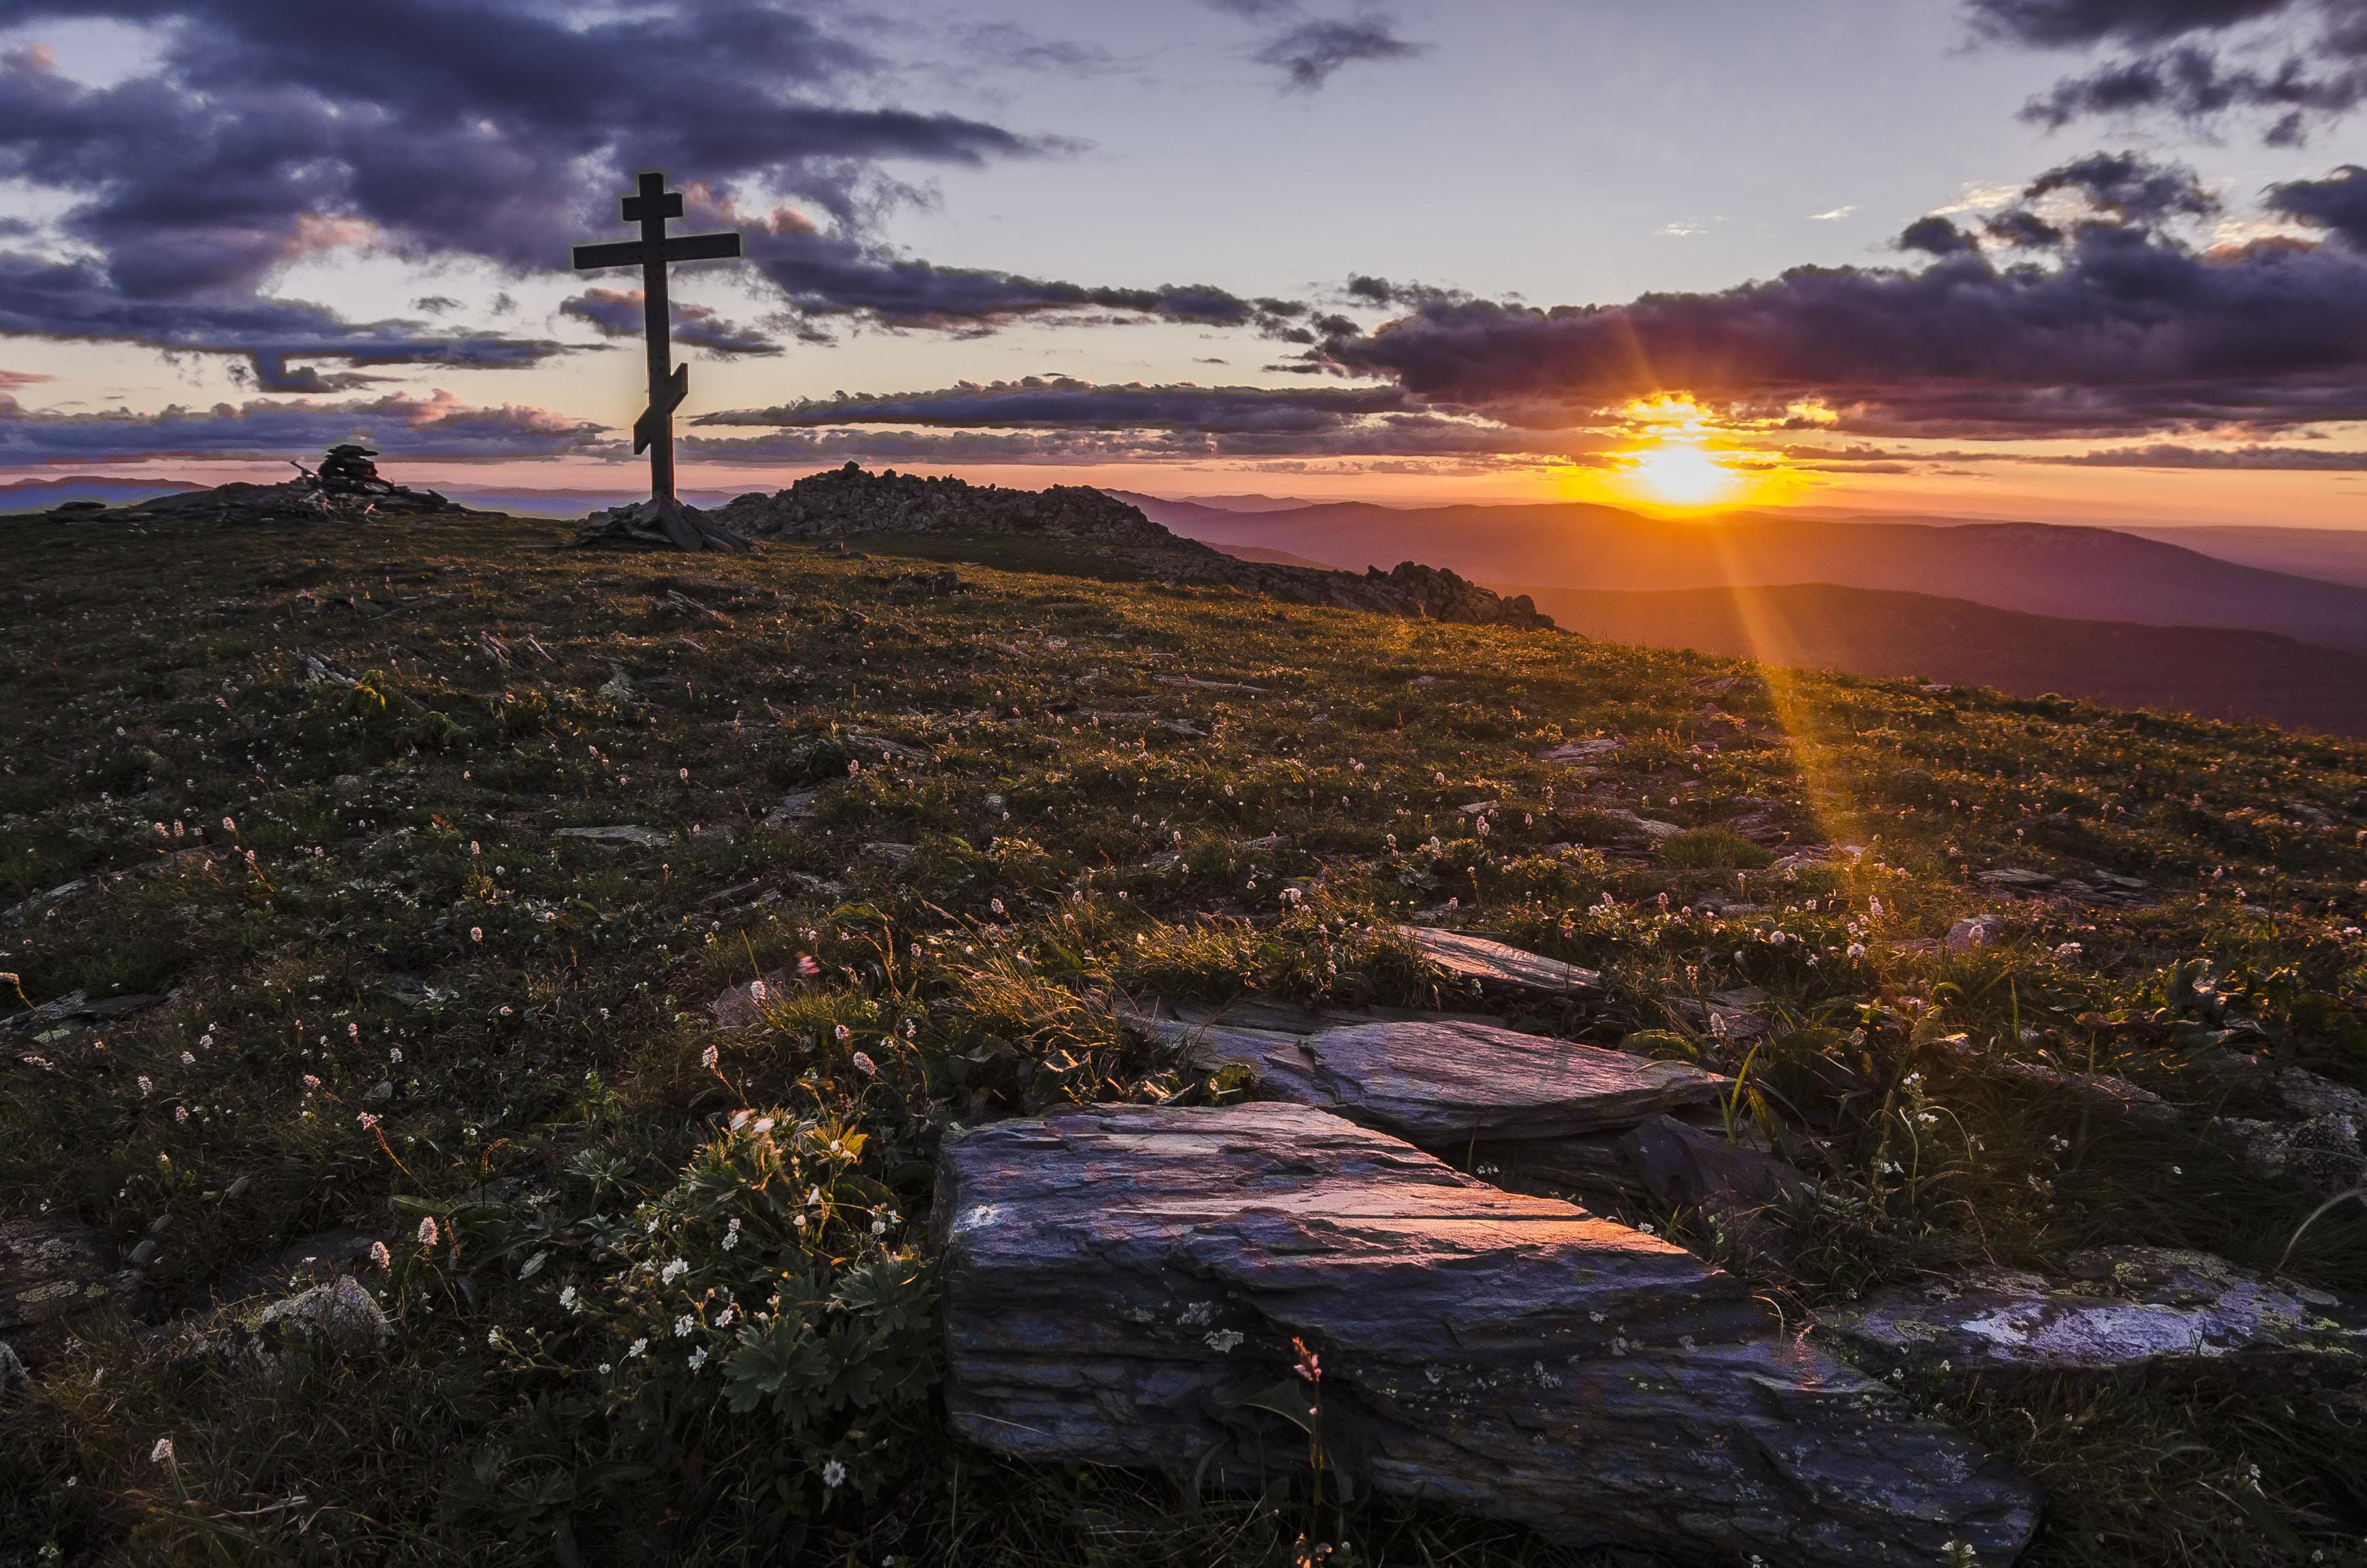 cross in an open field by the setting of sun